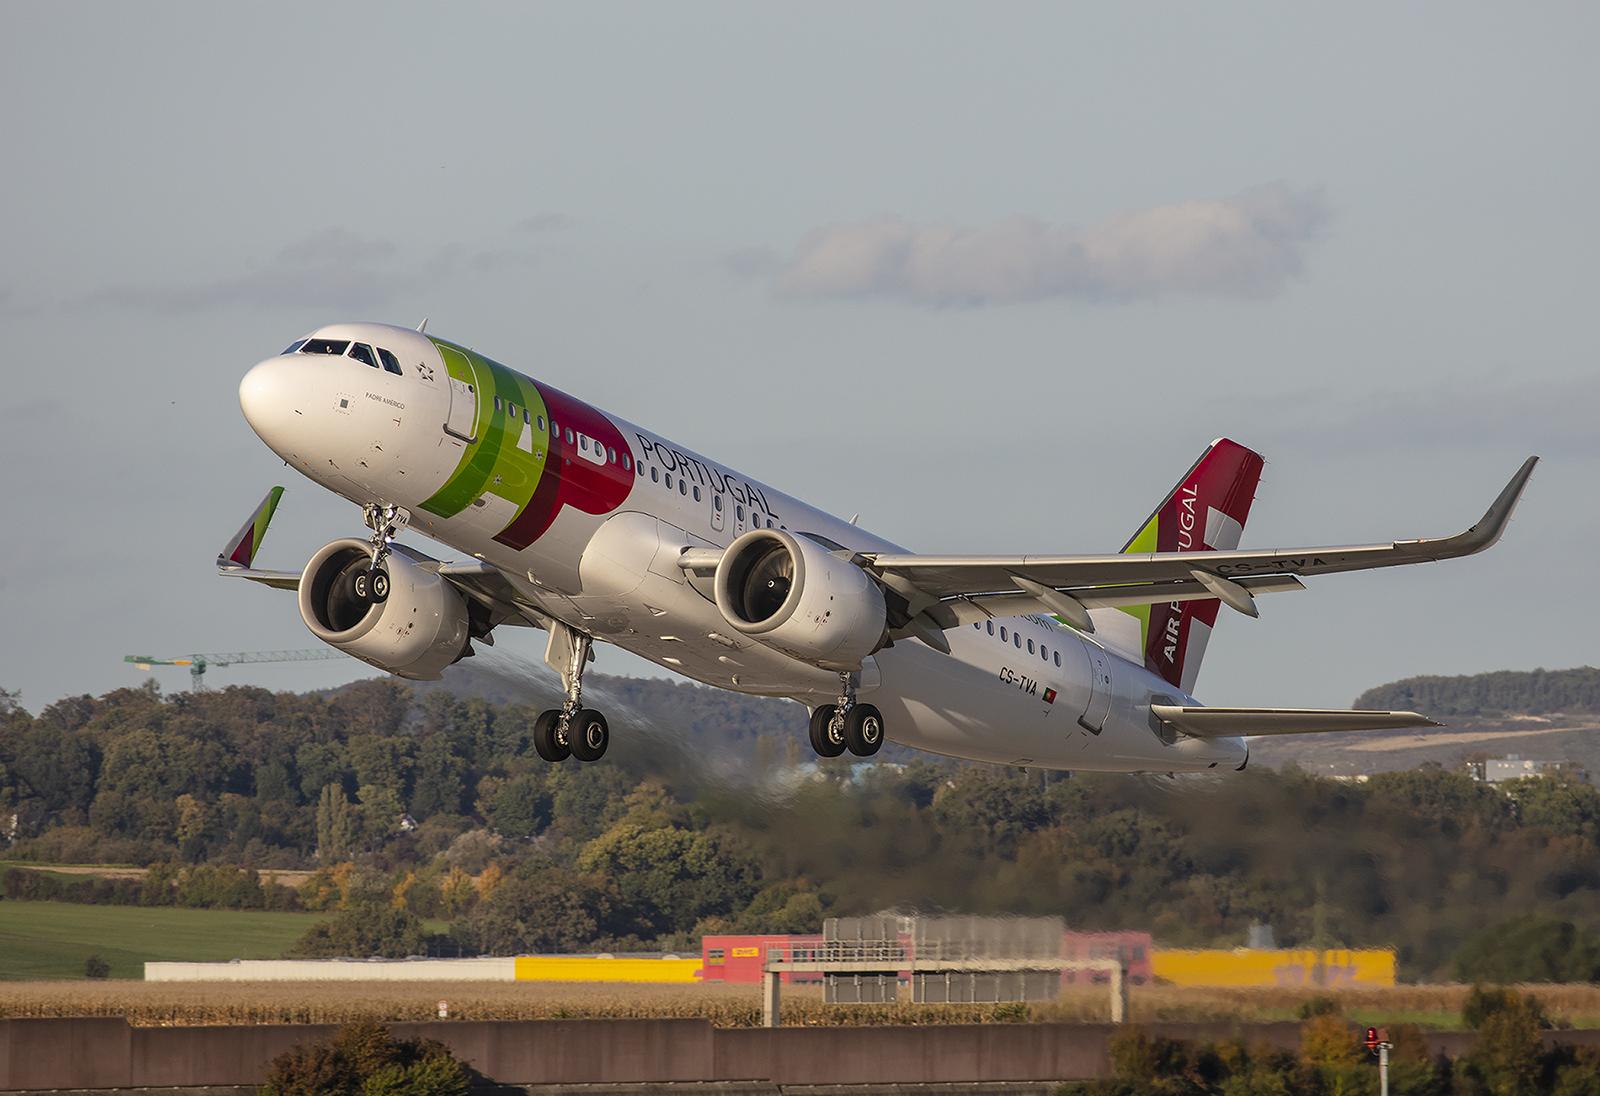 Brandneu ist die CS-TVA, ein Airbus A320-251Neo der TAP - Air Poprtugal